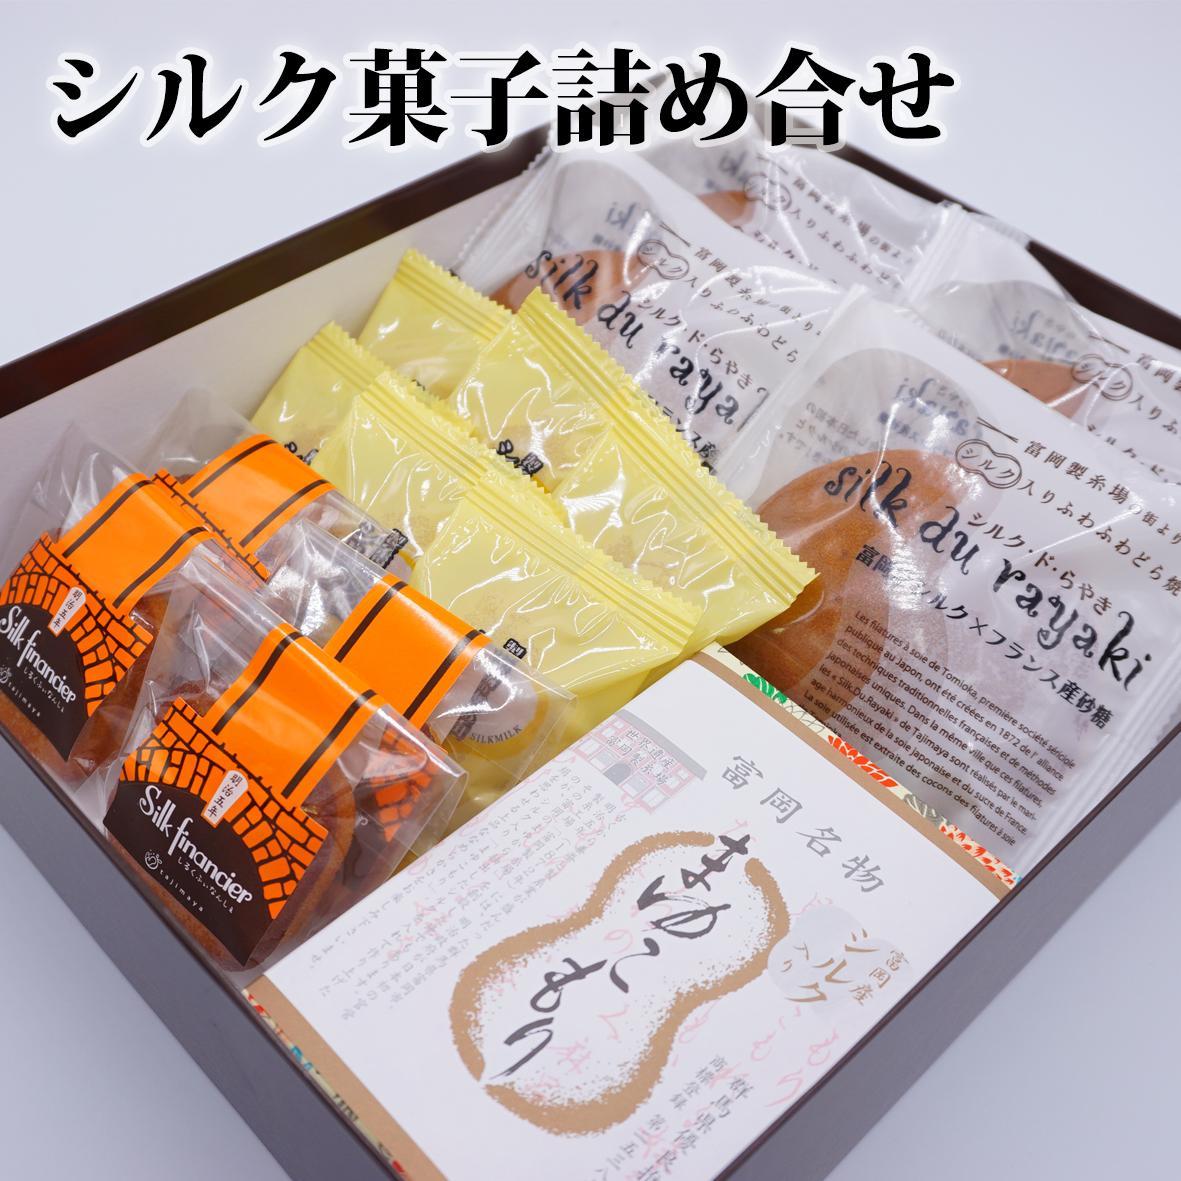 【ふるさと納税】富岡シルク菓子詰め合わせ